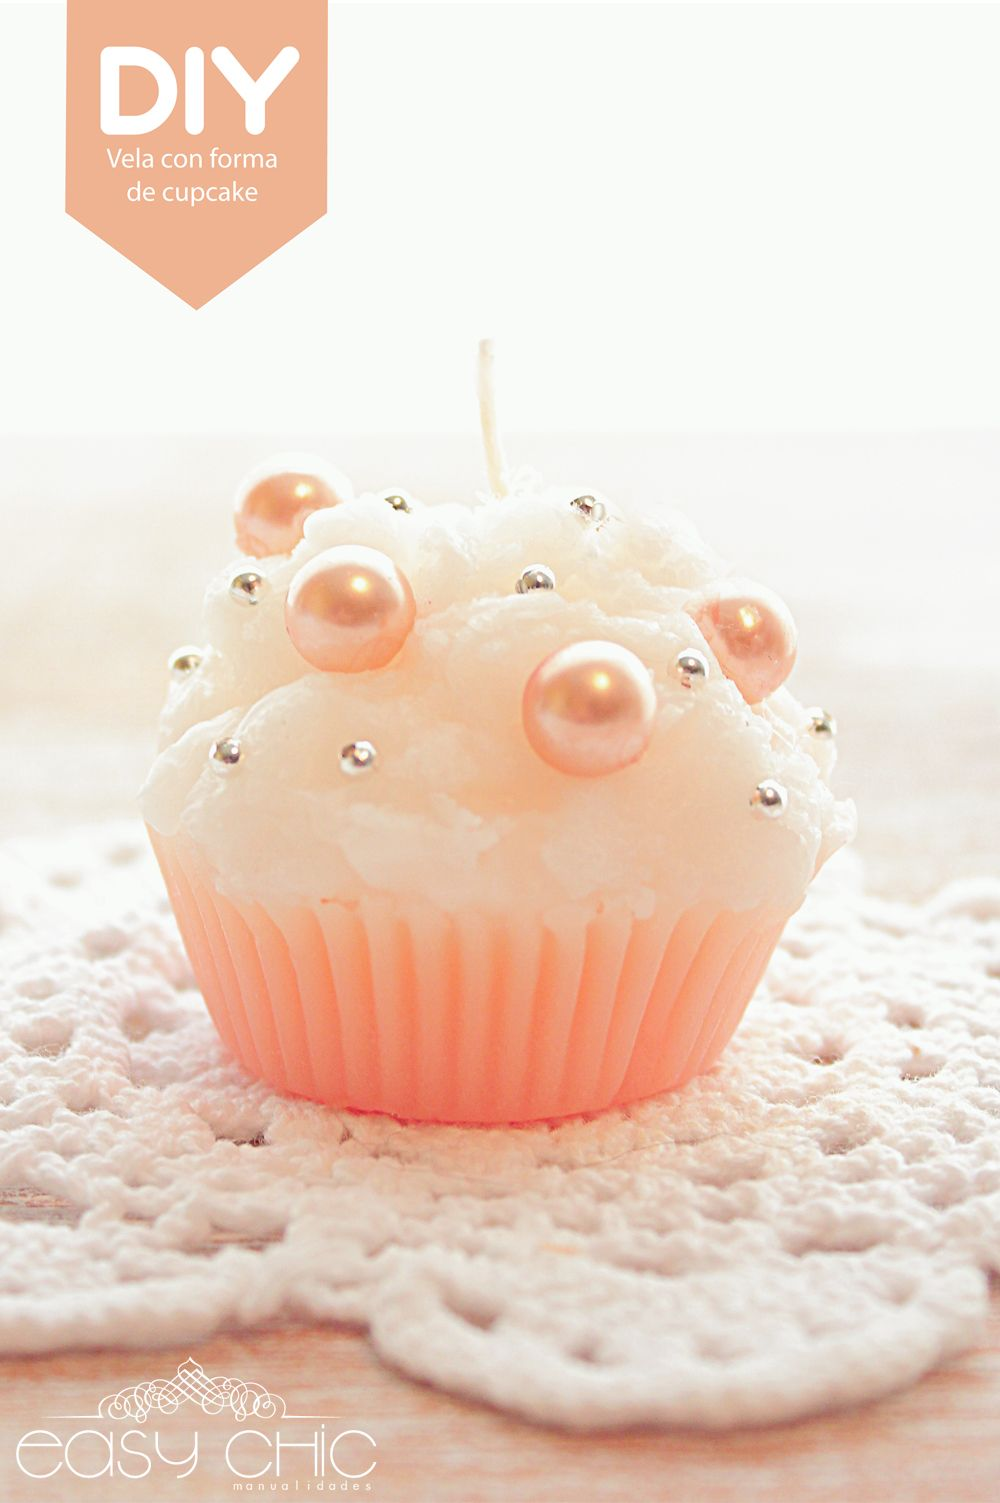 Easychic diy como hacer velas con forma de cupcake - Como hacer velas ...